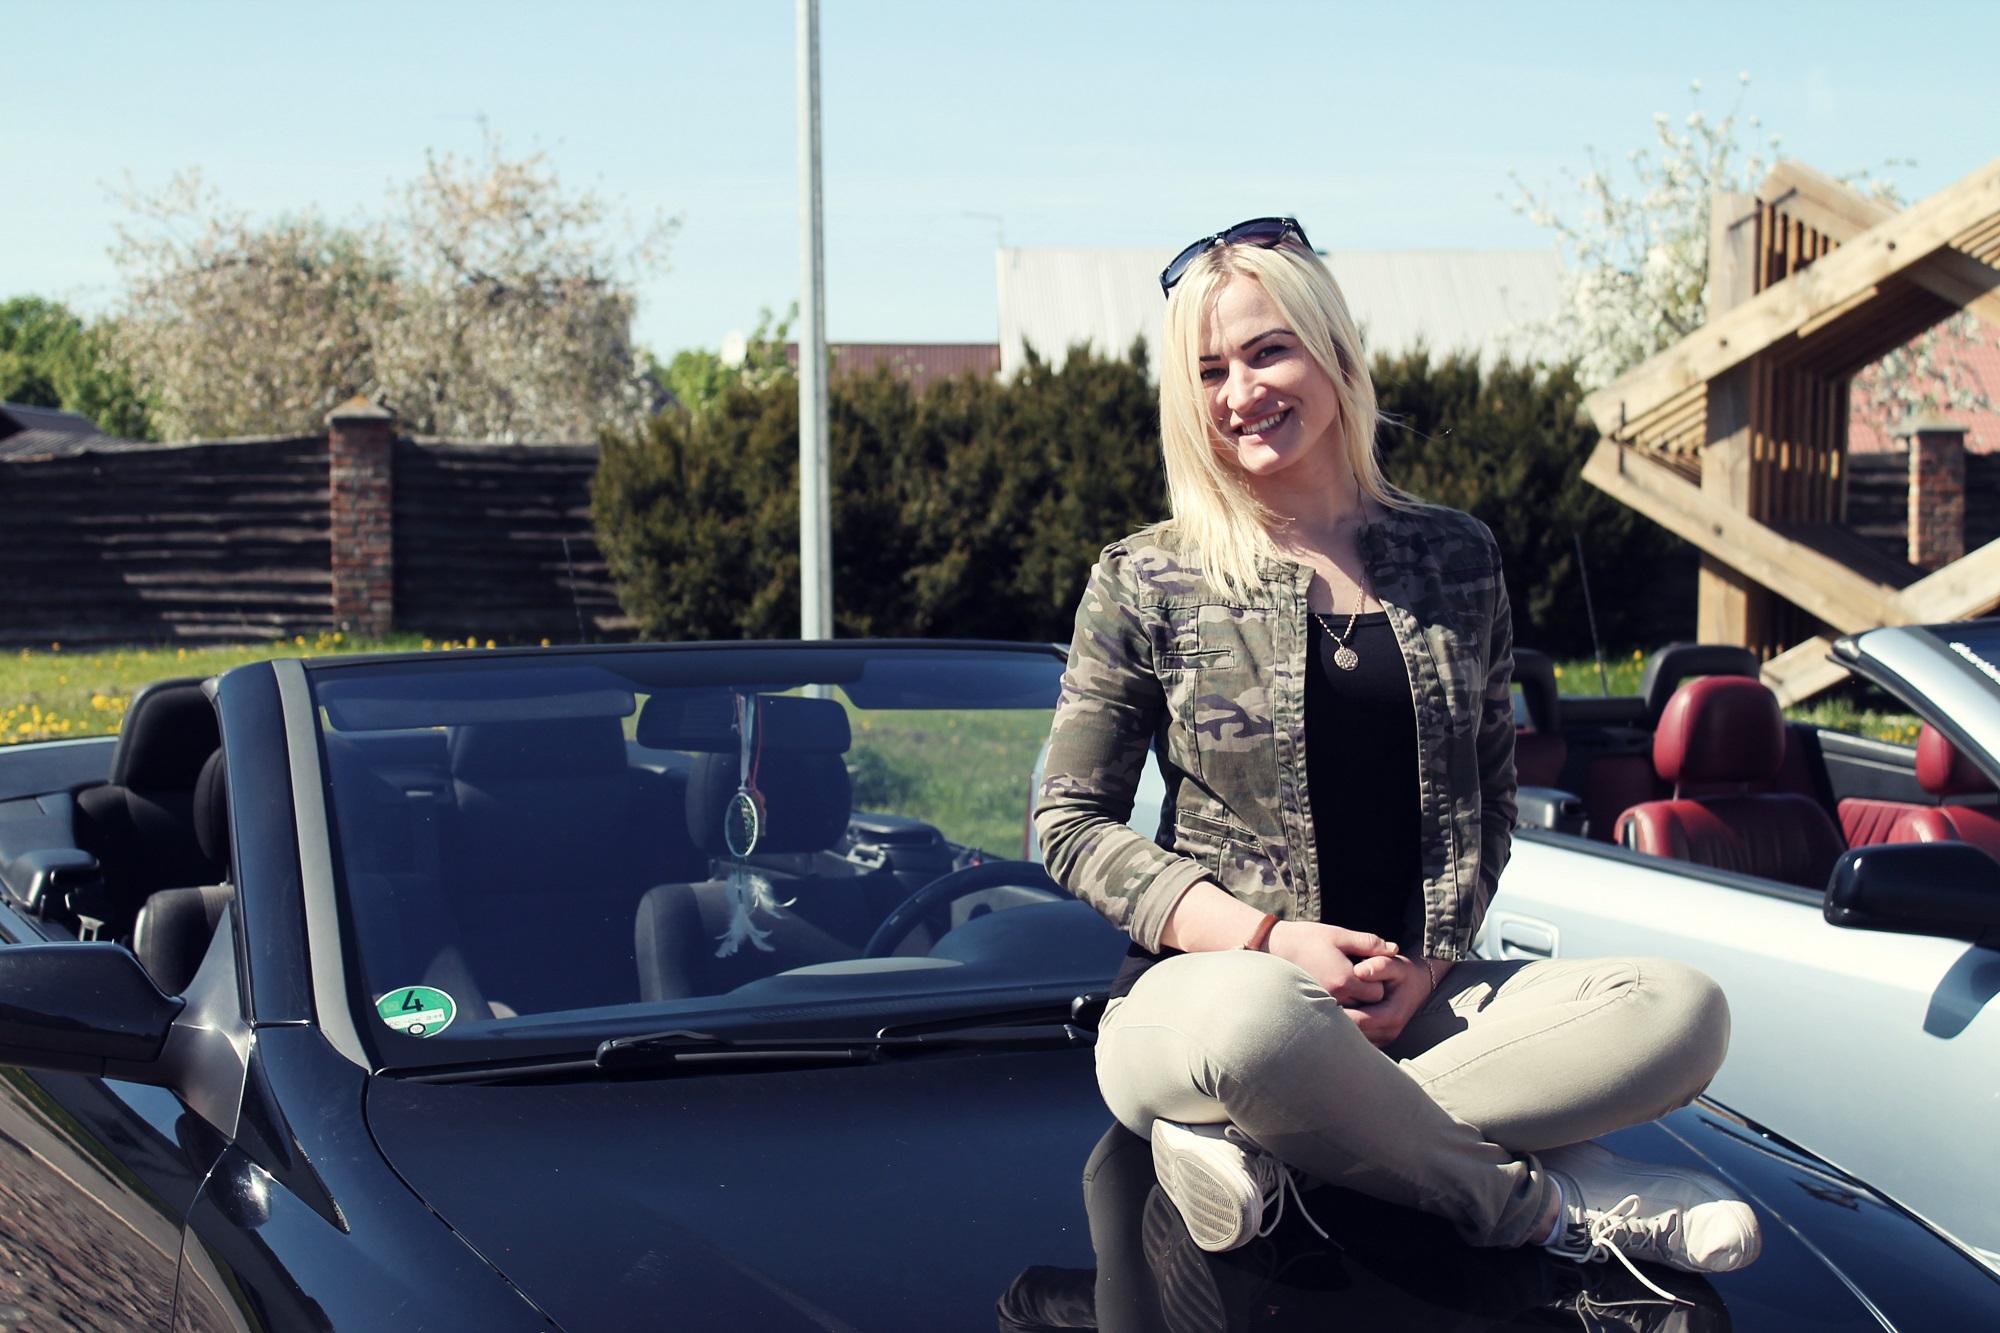 """Miesto gatvėmis kėdainietė Sonata Kulčickaitė, prasmukti nepastebėta, negali. Na, o kaip gi – šviesiaplaukė gražuolė prie juodut juodutėlio """"Opel Astra"""" kabrioleto vairo!"""